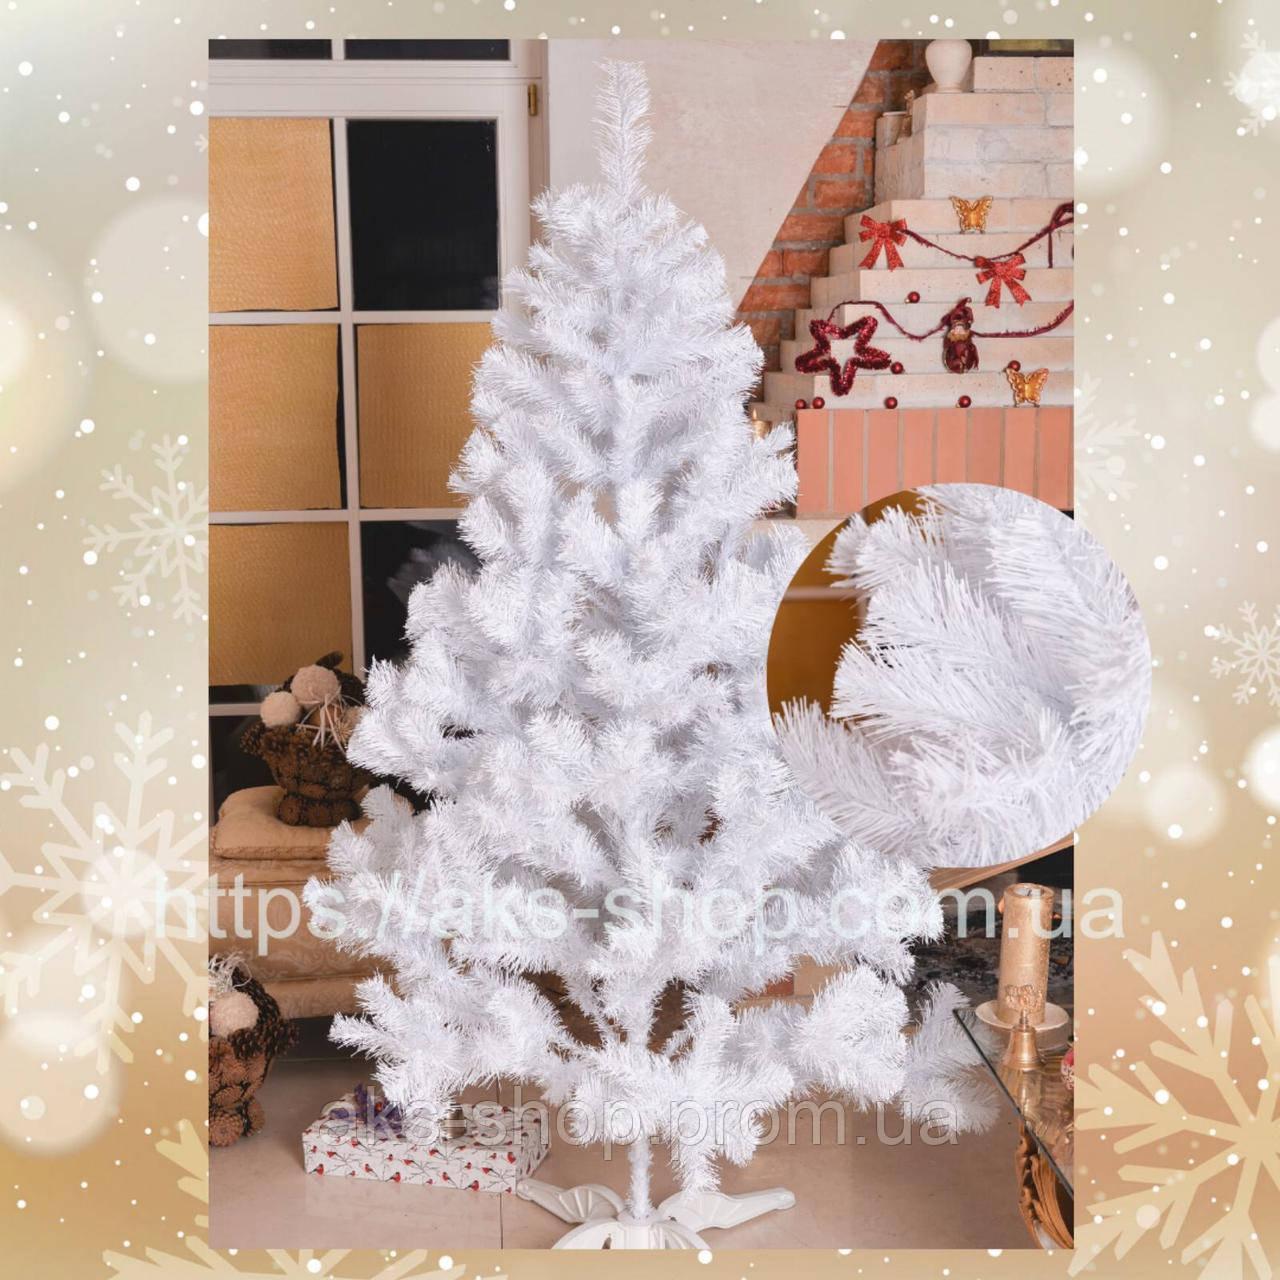 Ёлка искусственная 1,5 м белая Новогодняя сказка классика ПВХ | КАЗКА БІЛА